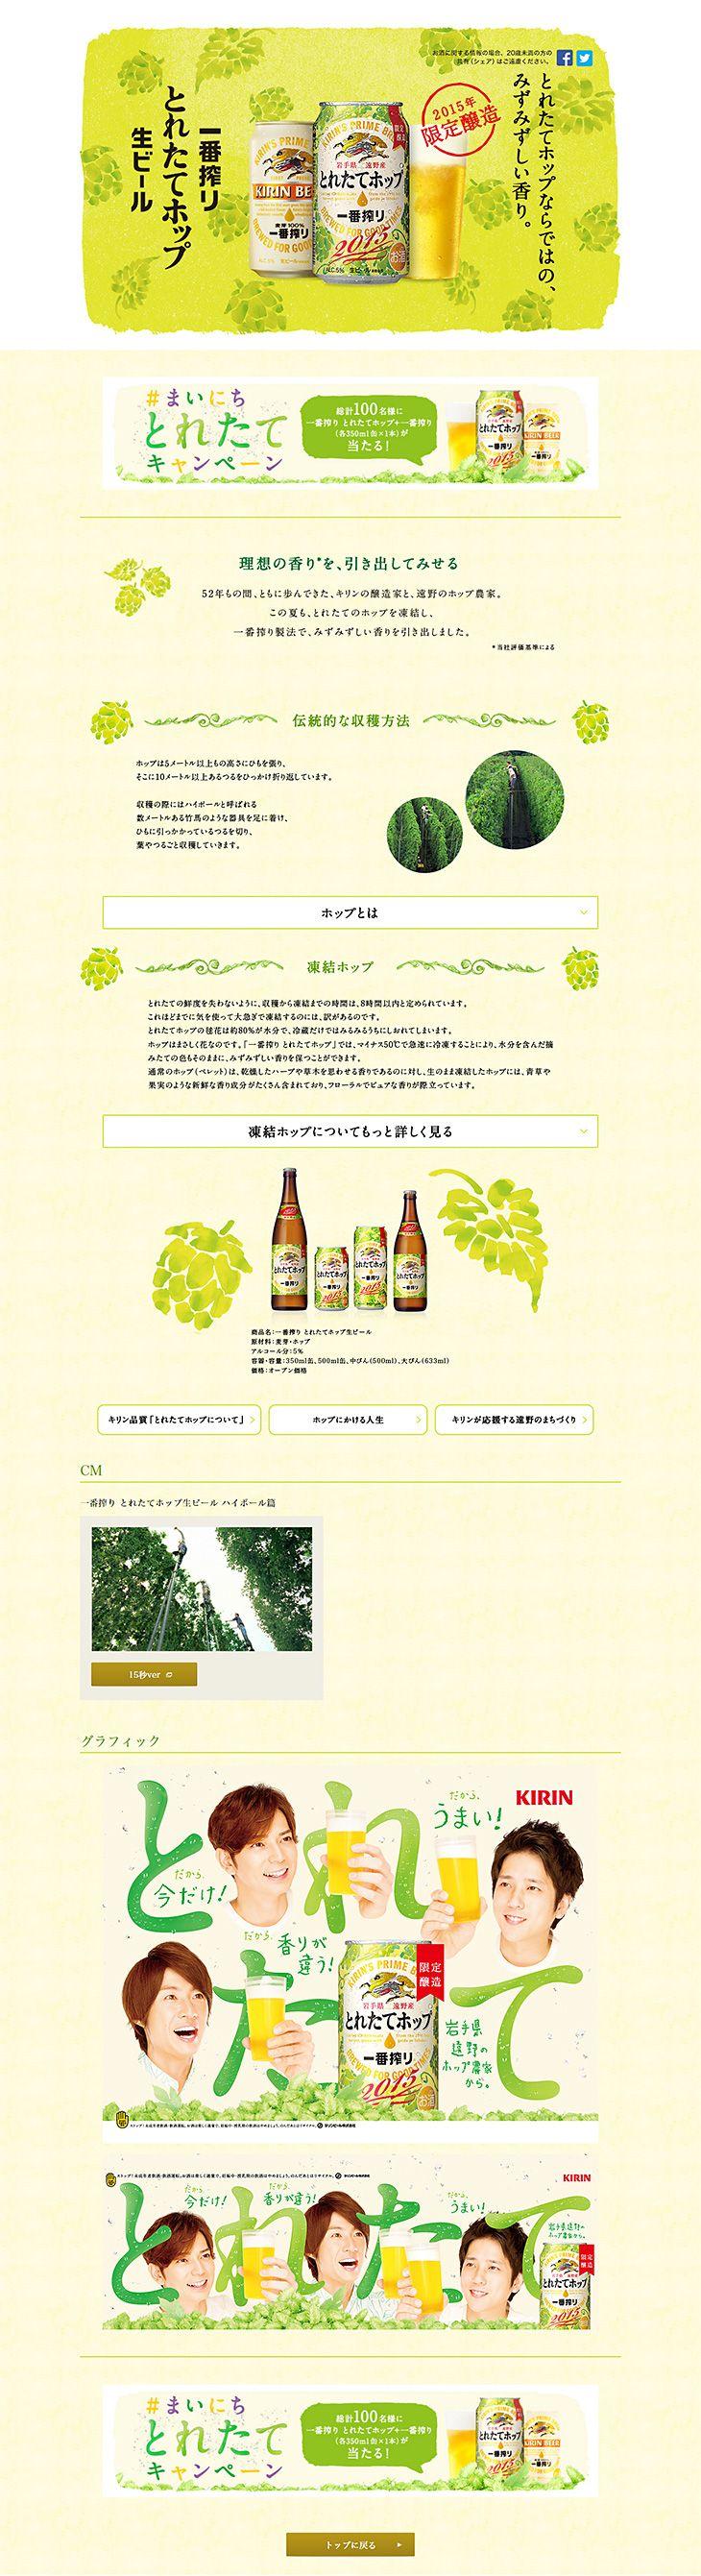 ランディングページ LP 一番搾り とれたてホップ生ビール|飲料・お酒|自社サイト